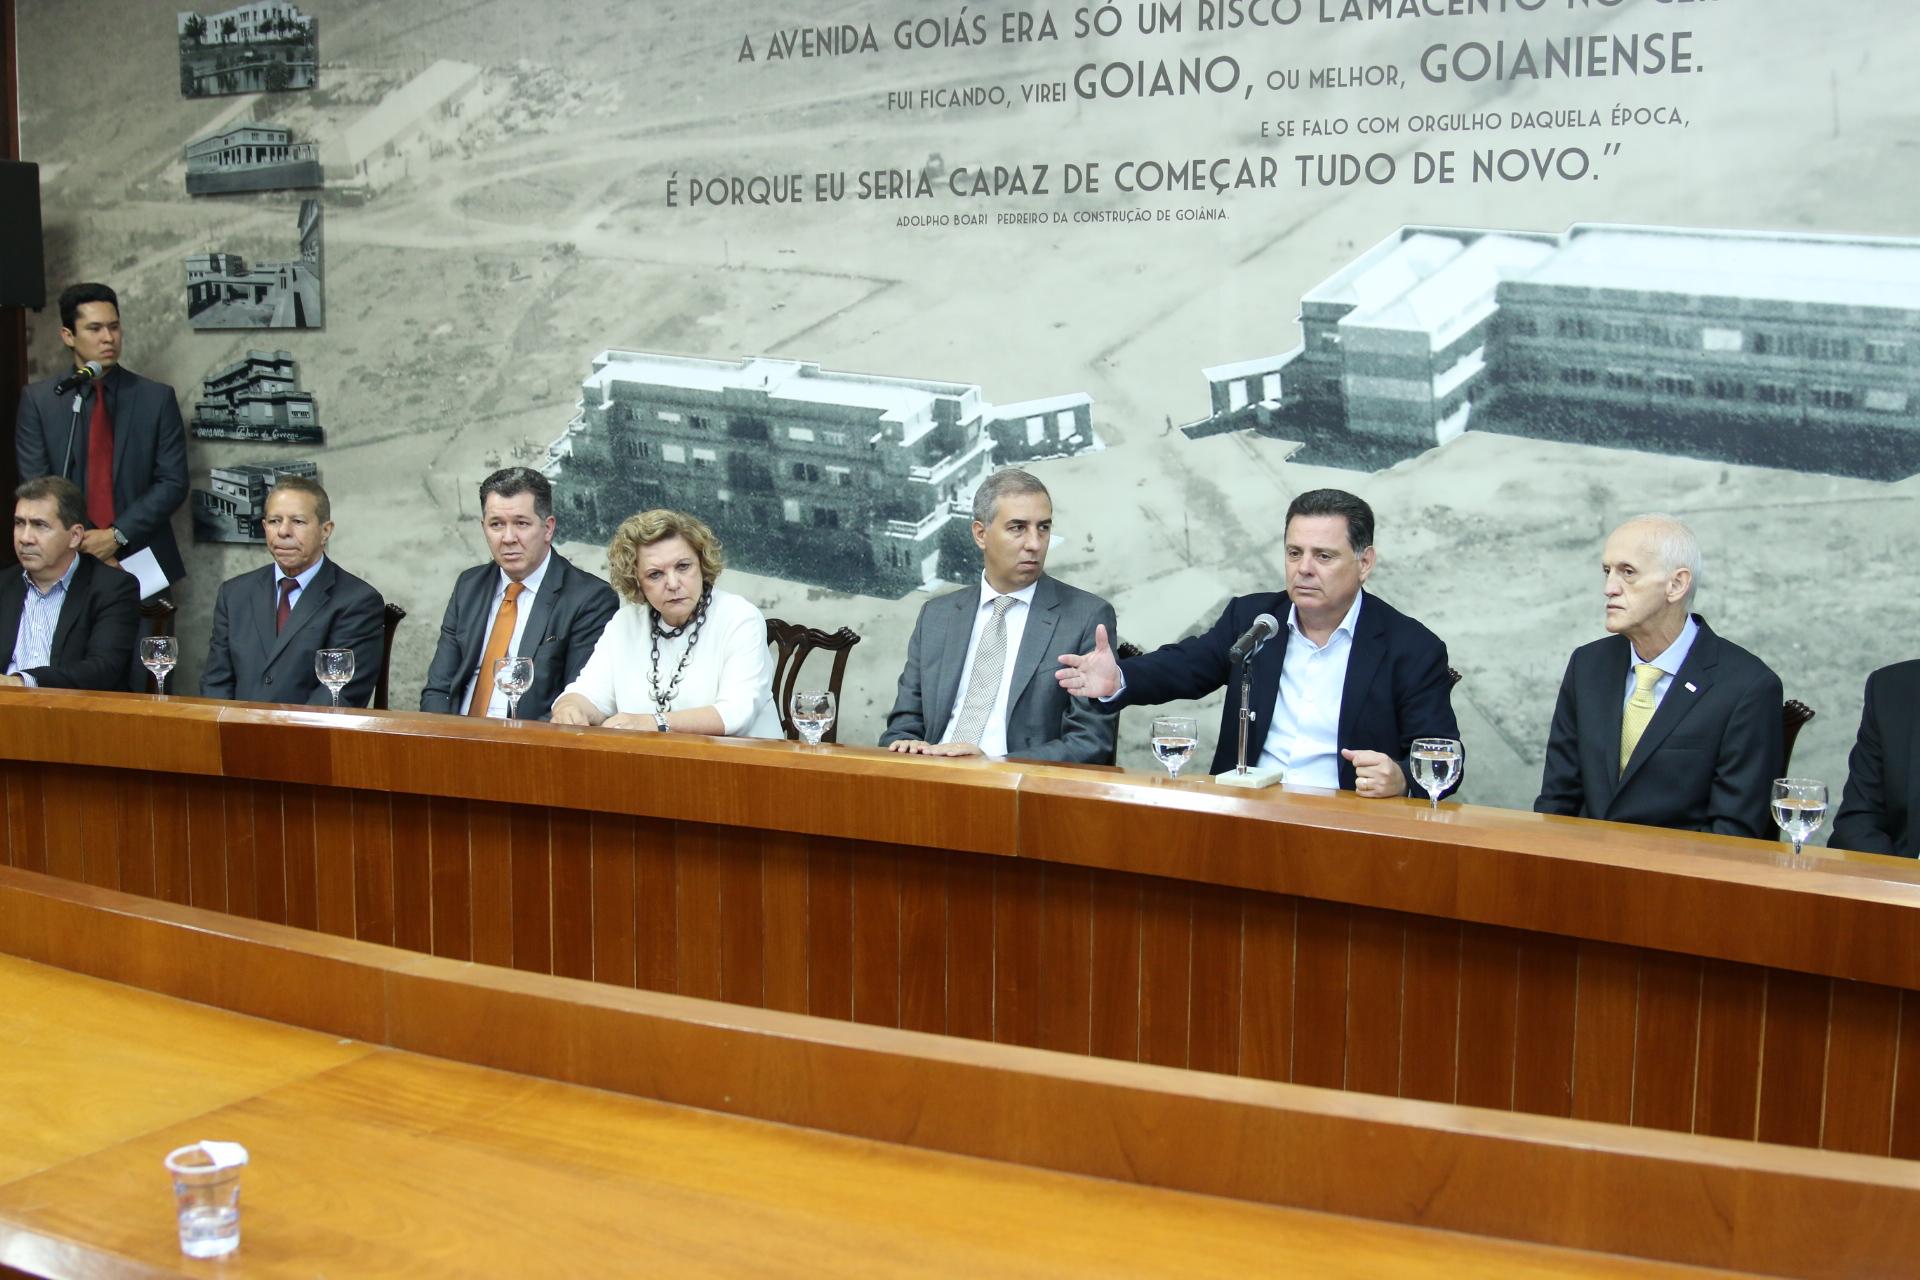 Goiás – Governador assina decreto de convalidação dos incentivos